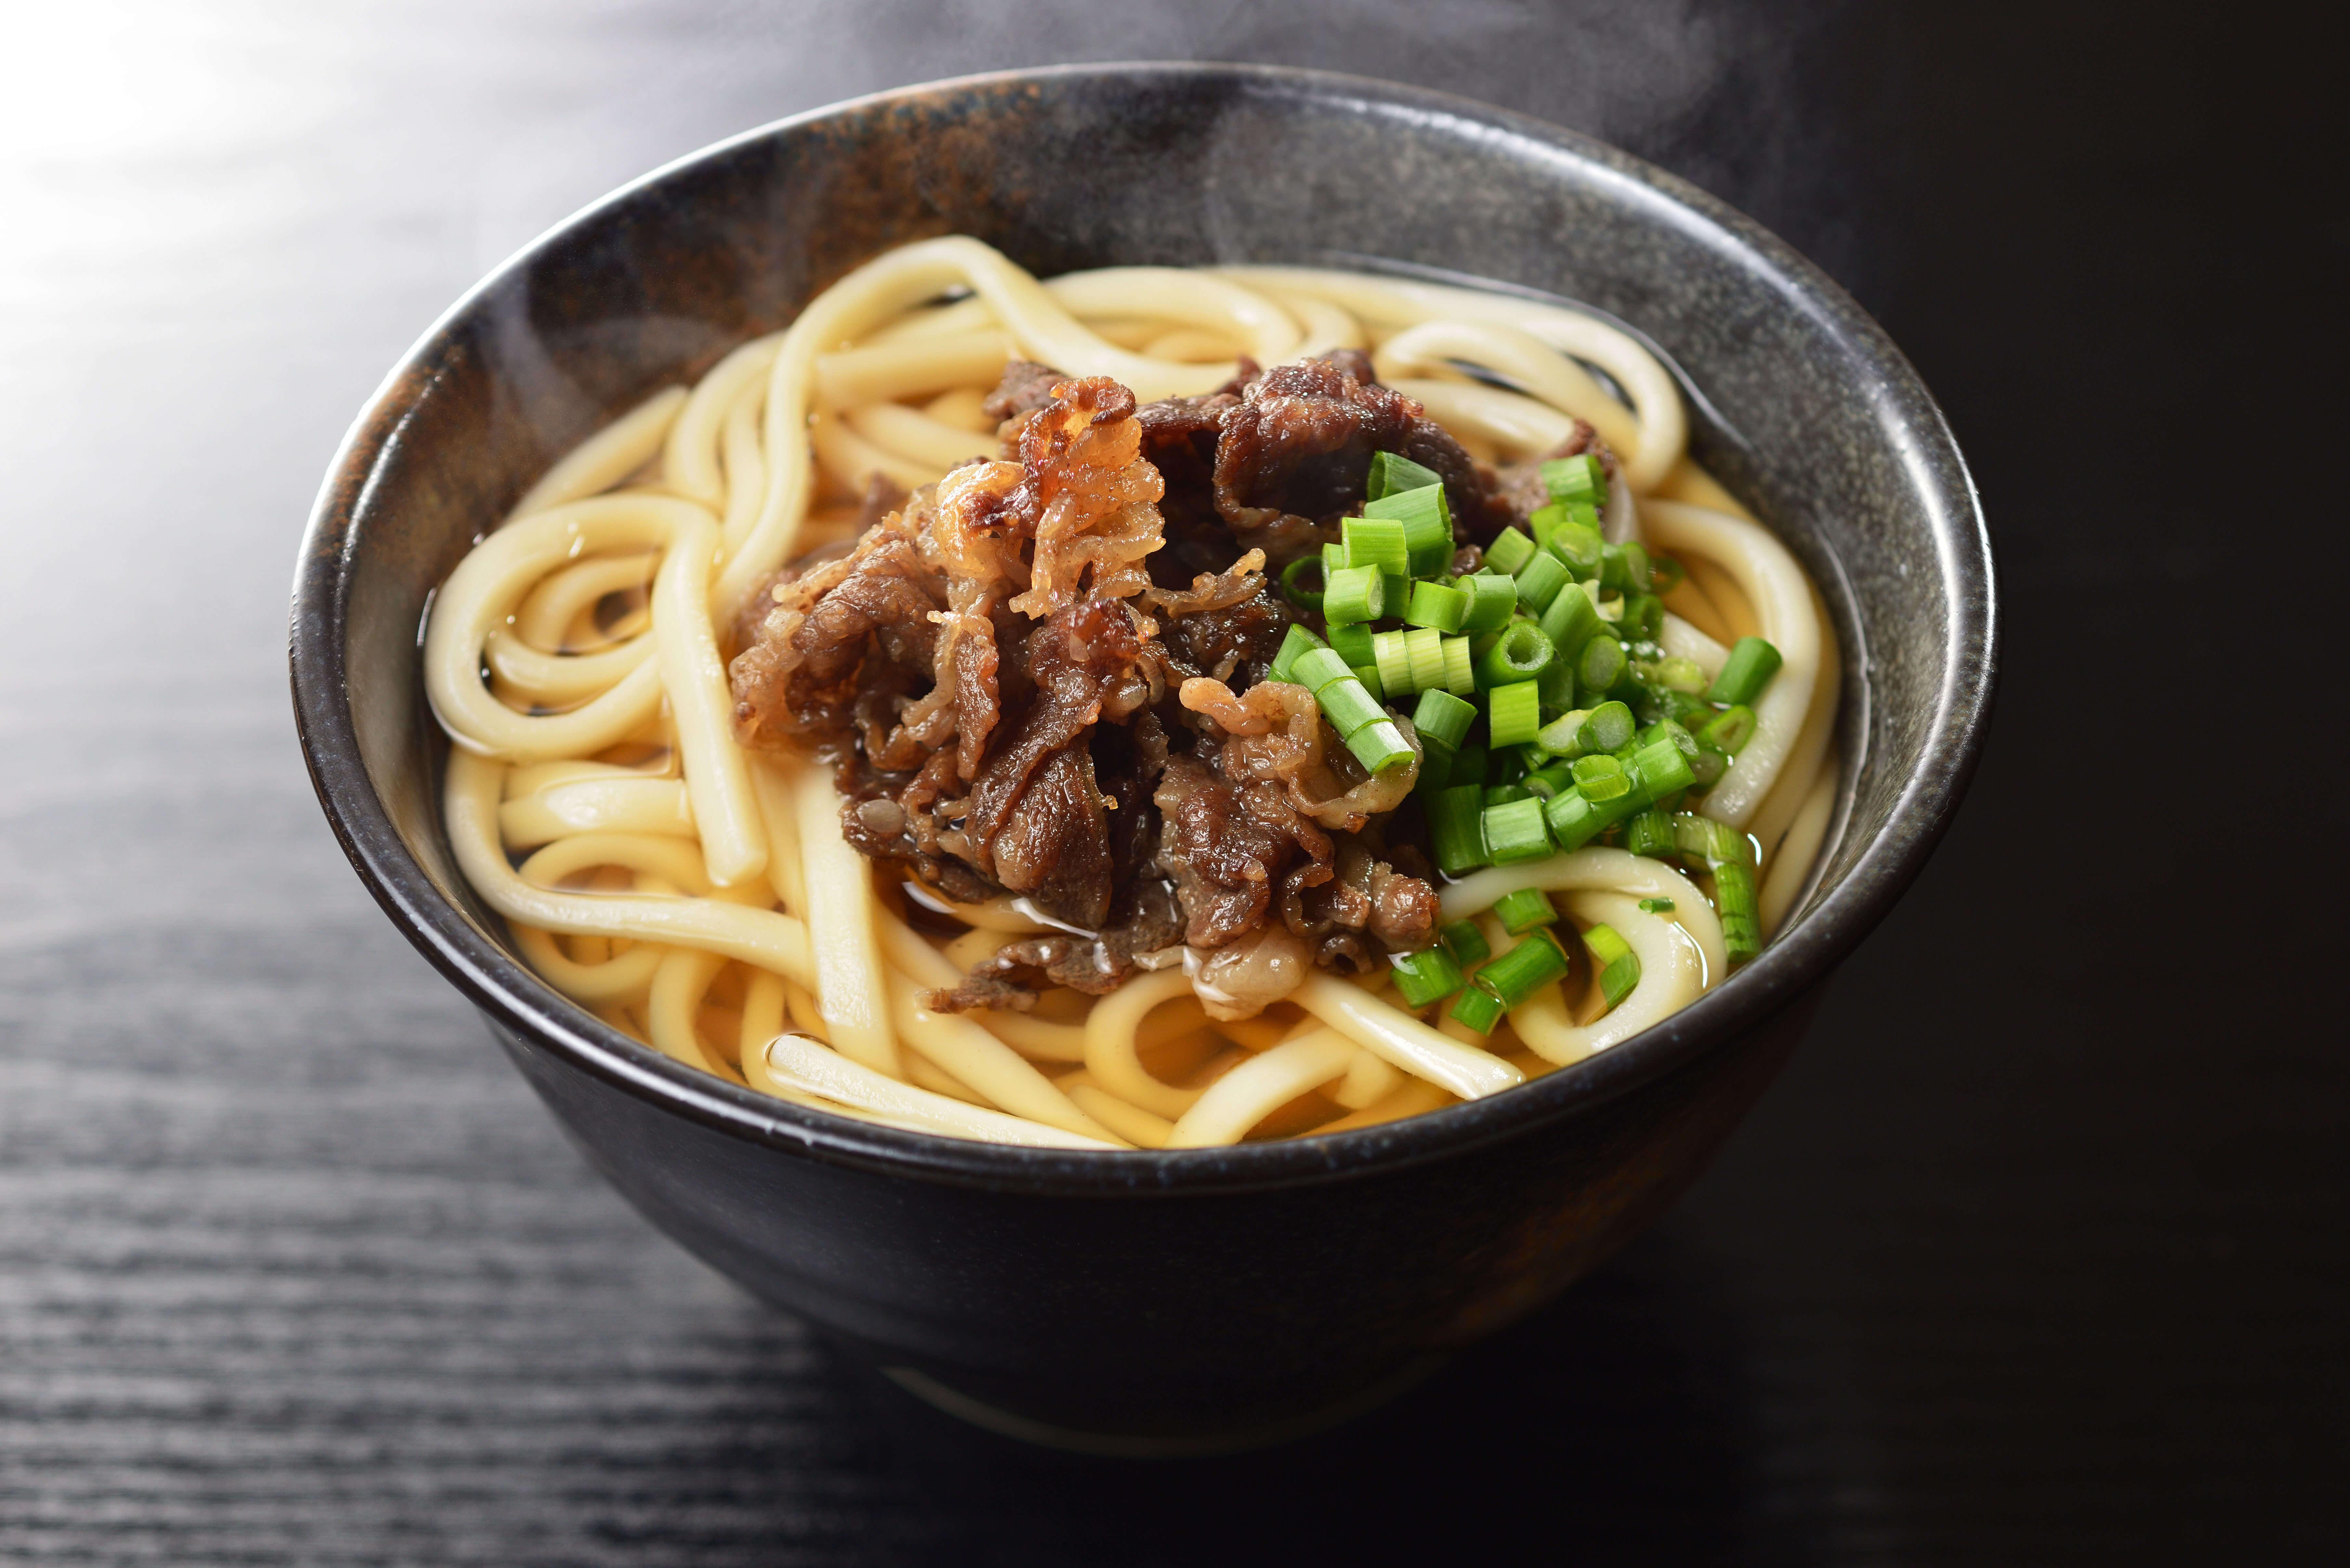 あの歌手もおすすめ!大阪で何度でも食べたくなる絶品うどんランキング5!